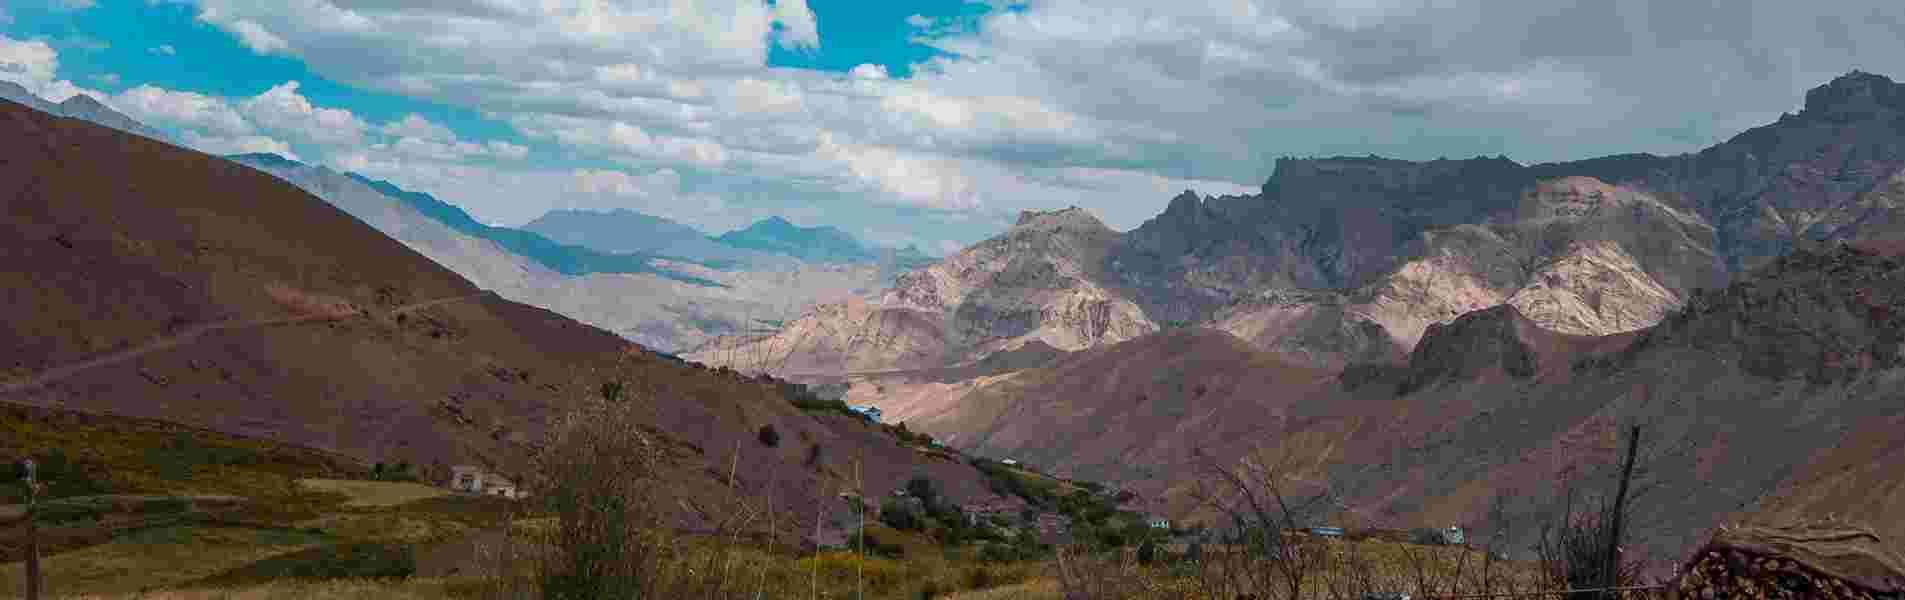 Ladakh- Where to go? header image